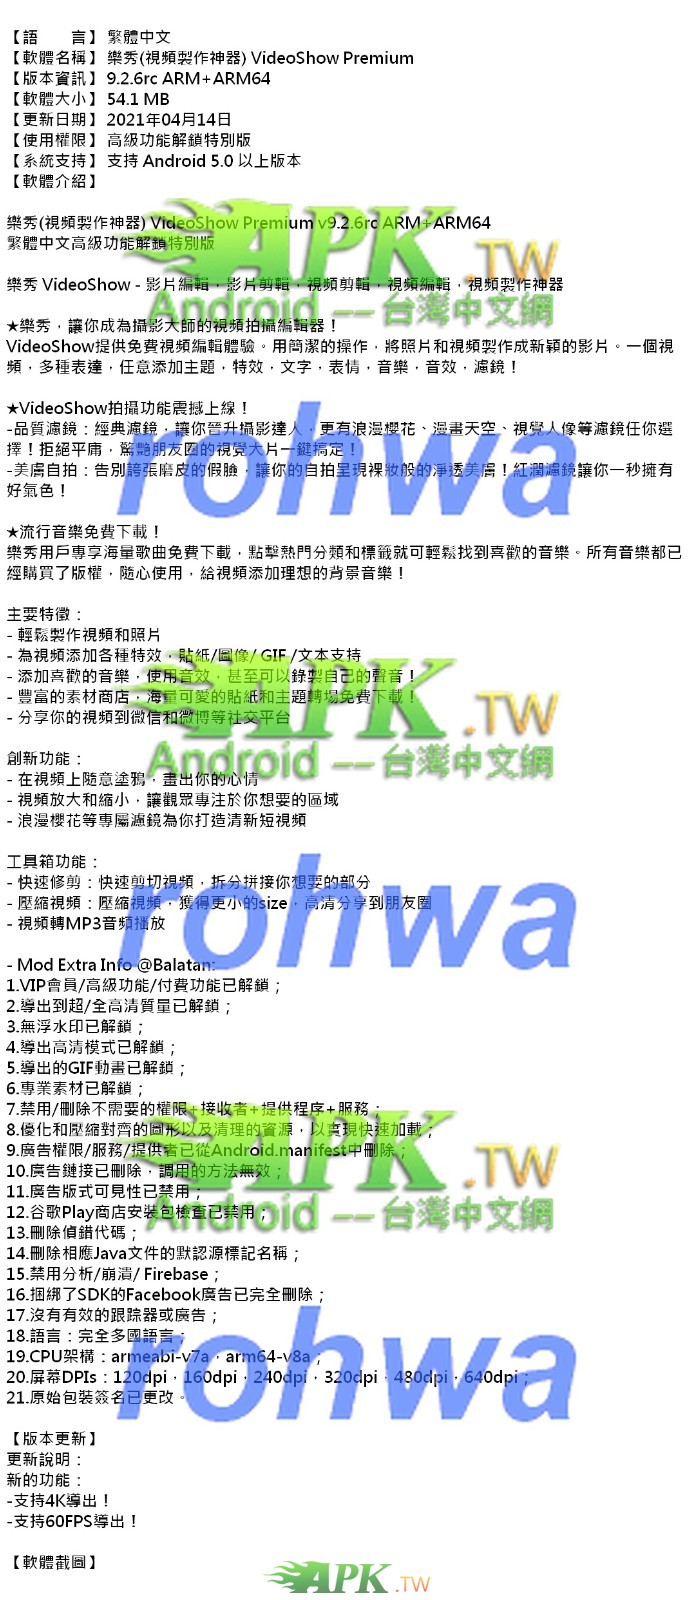 VideoShow_Premium_9.2.6rc_.jpg